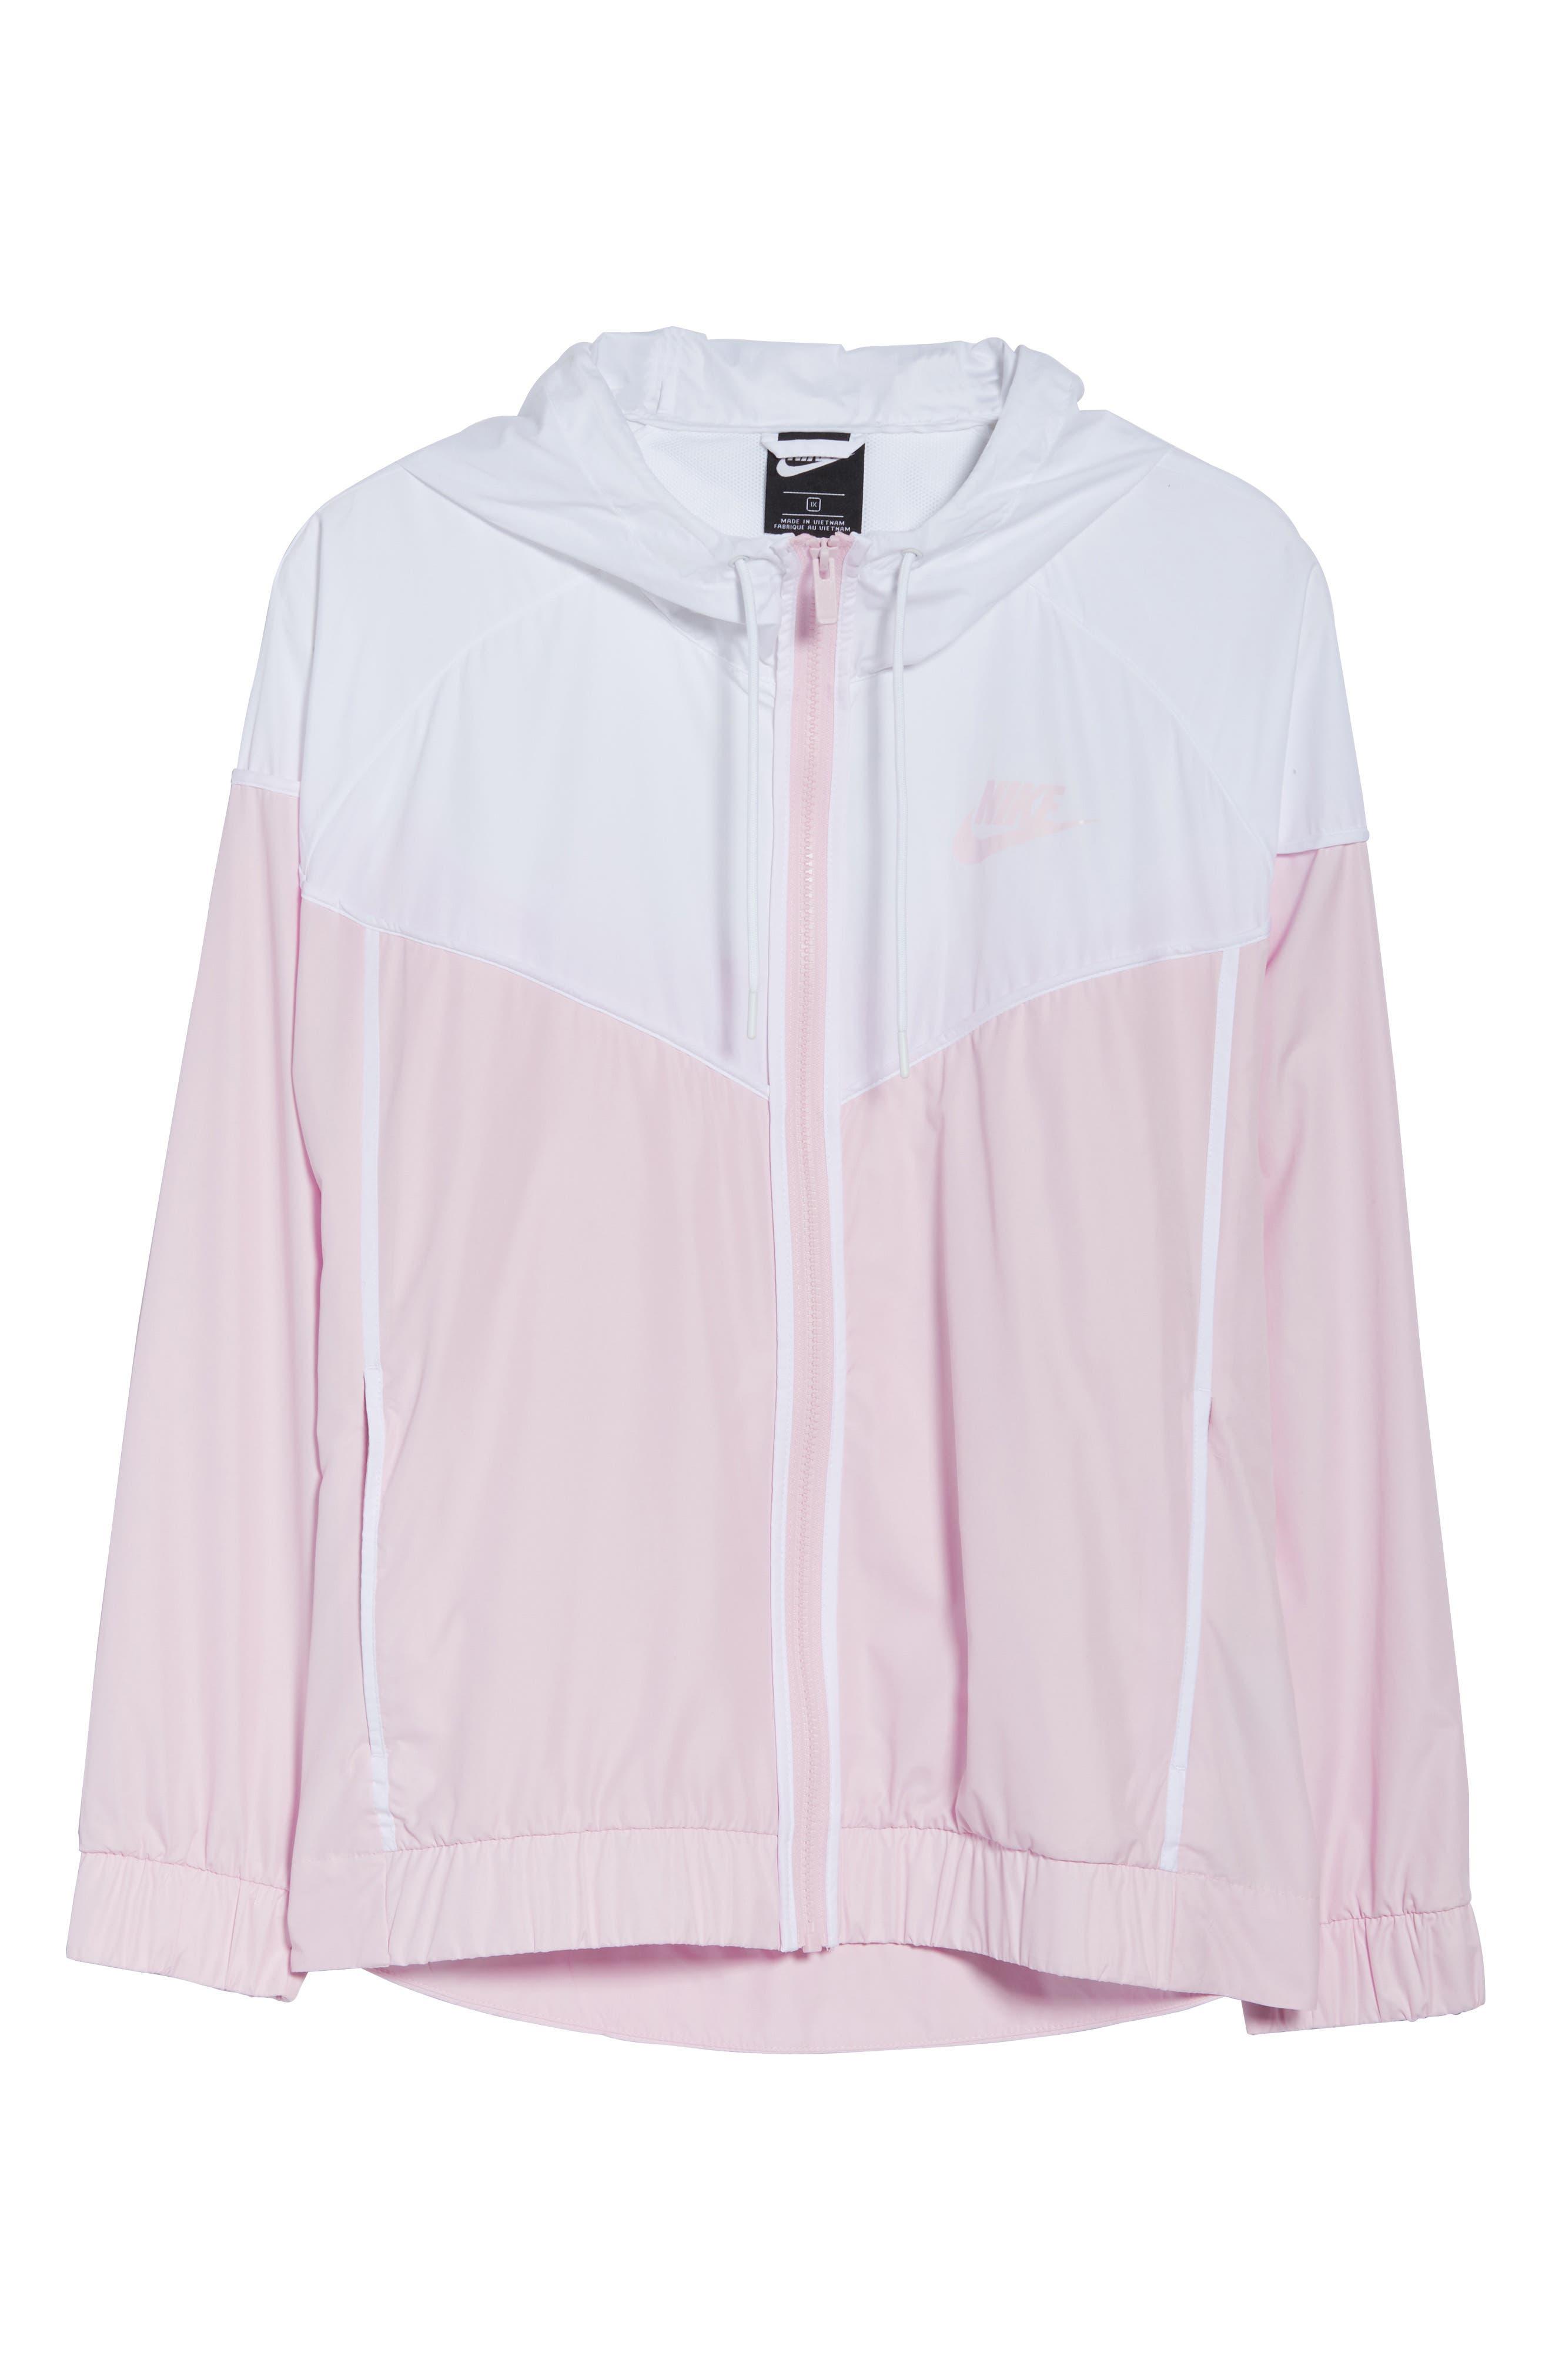 NIKE,                             Sportswear Windrunner Jacket,                             Alternate thumbnail 6, color,                             PINK FOAM/ WHITE/ PINK FOAM